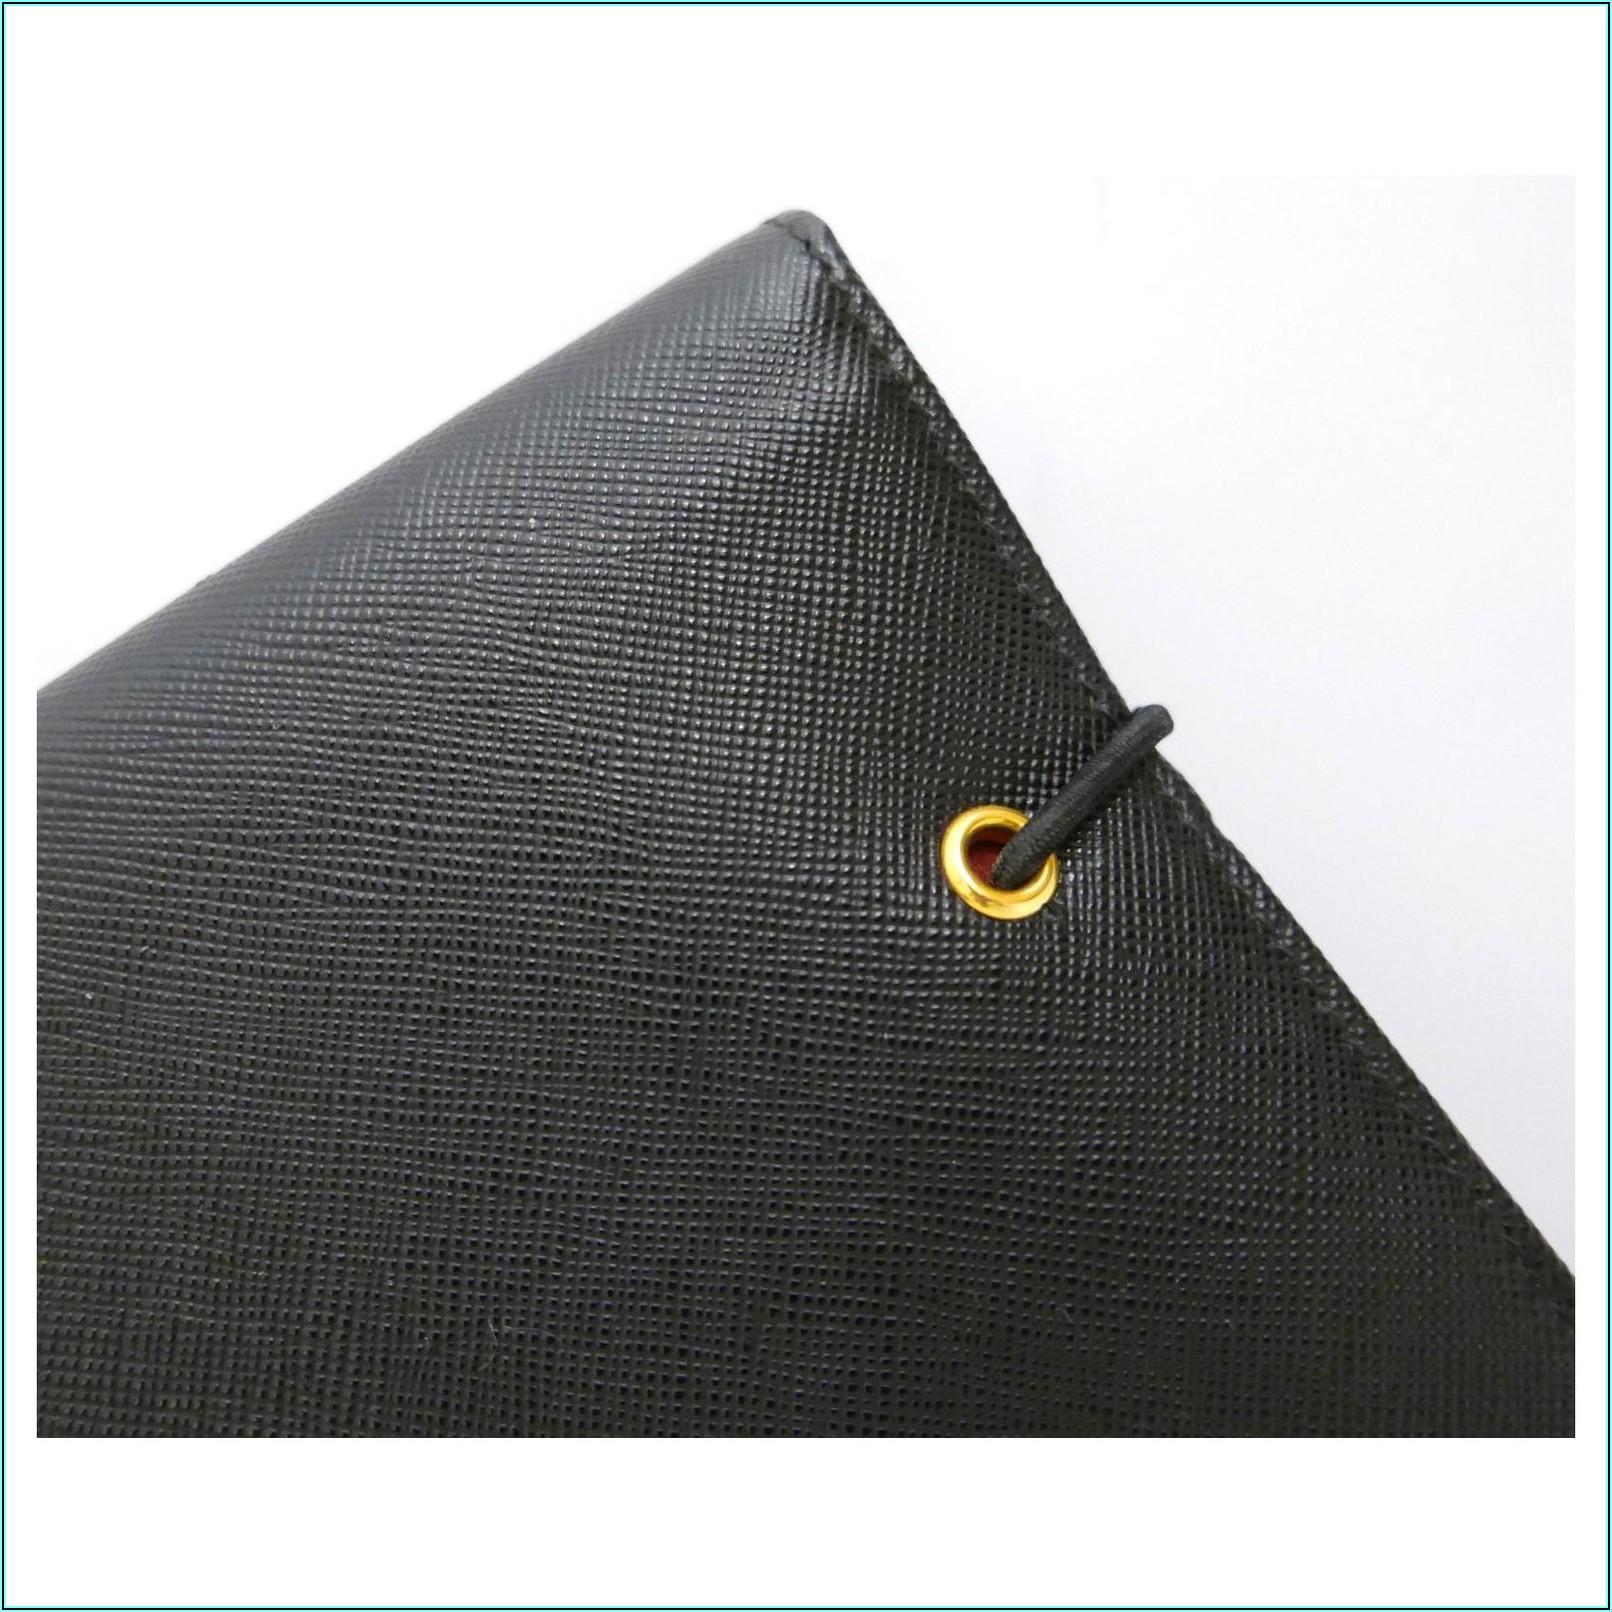 Prada Saffiano Envelope Clutch